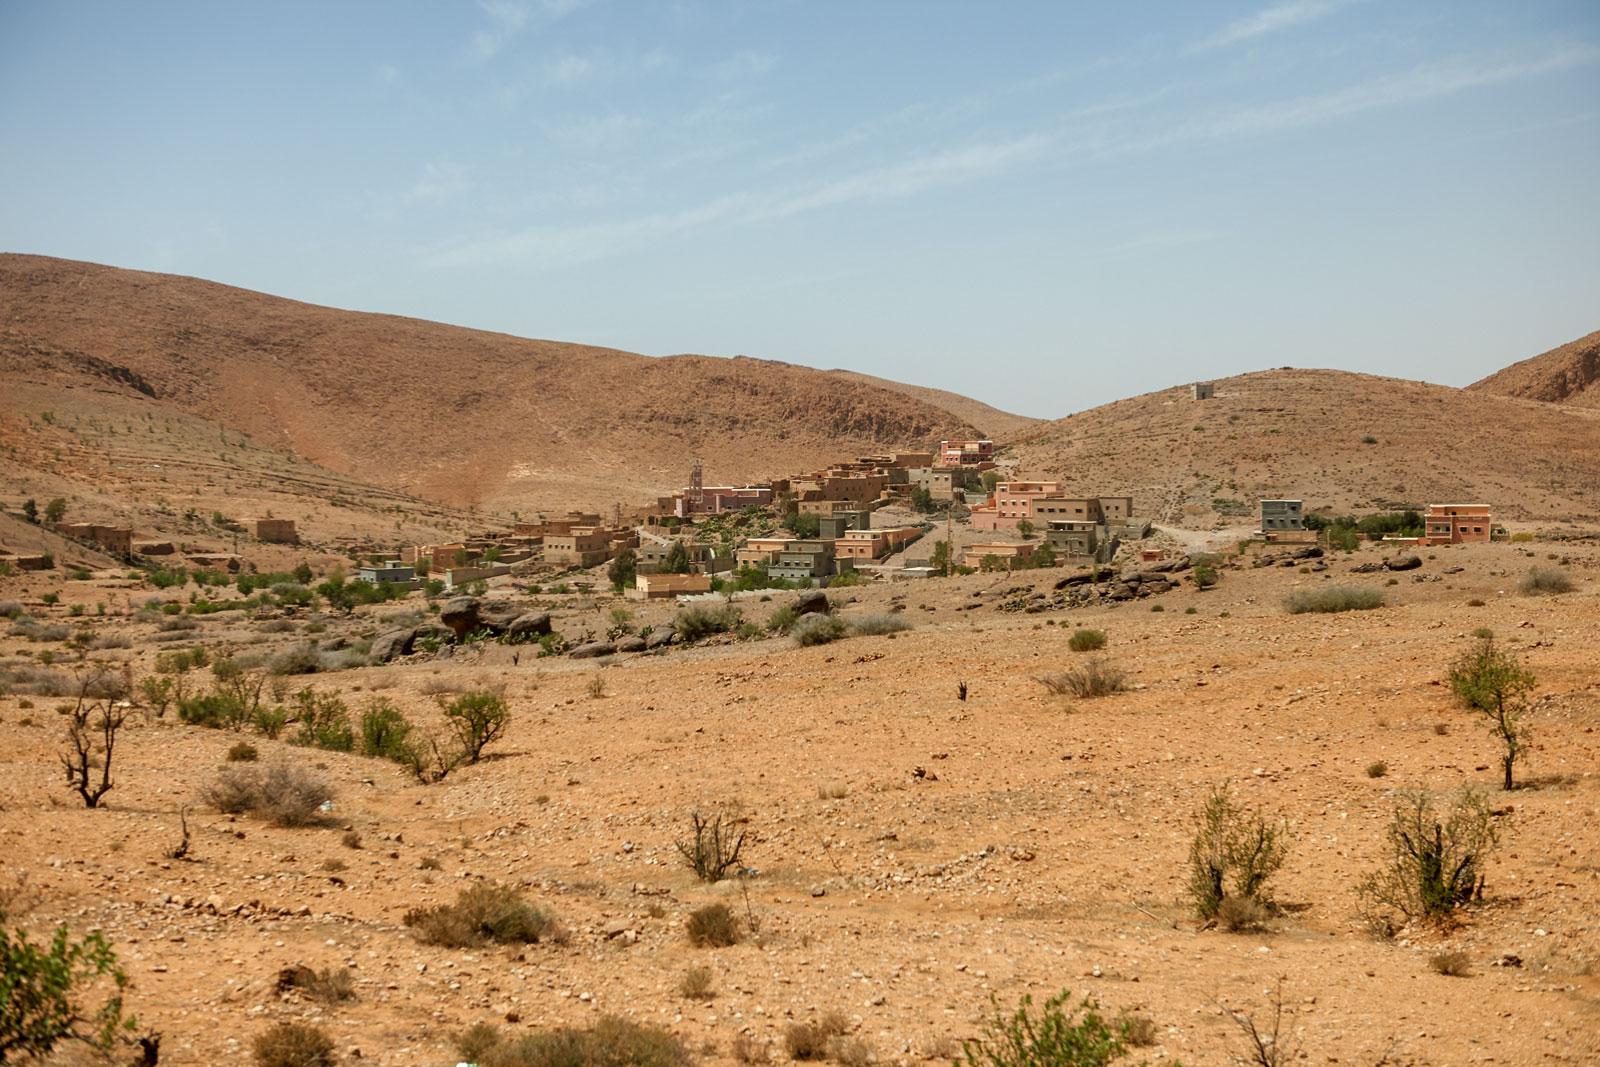 Bild eines Dorfes in den Bergen des Antiatlas Gebirges in Marokko